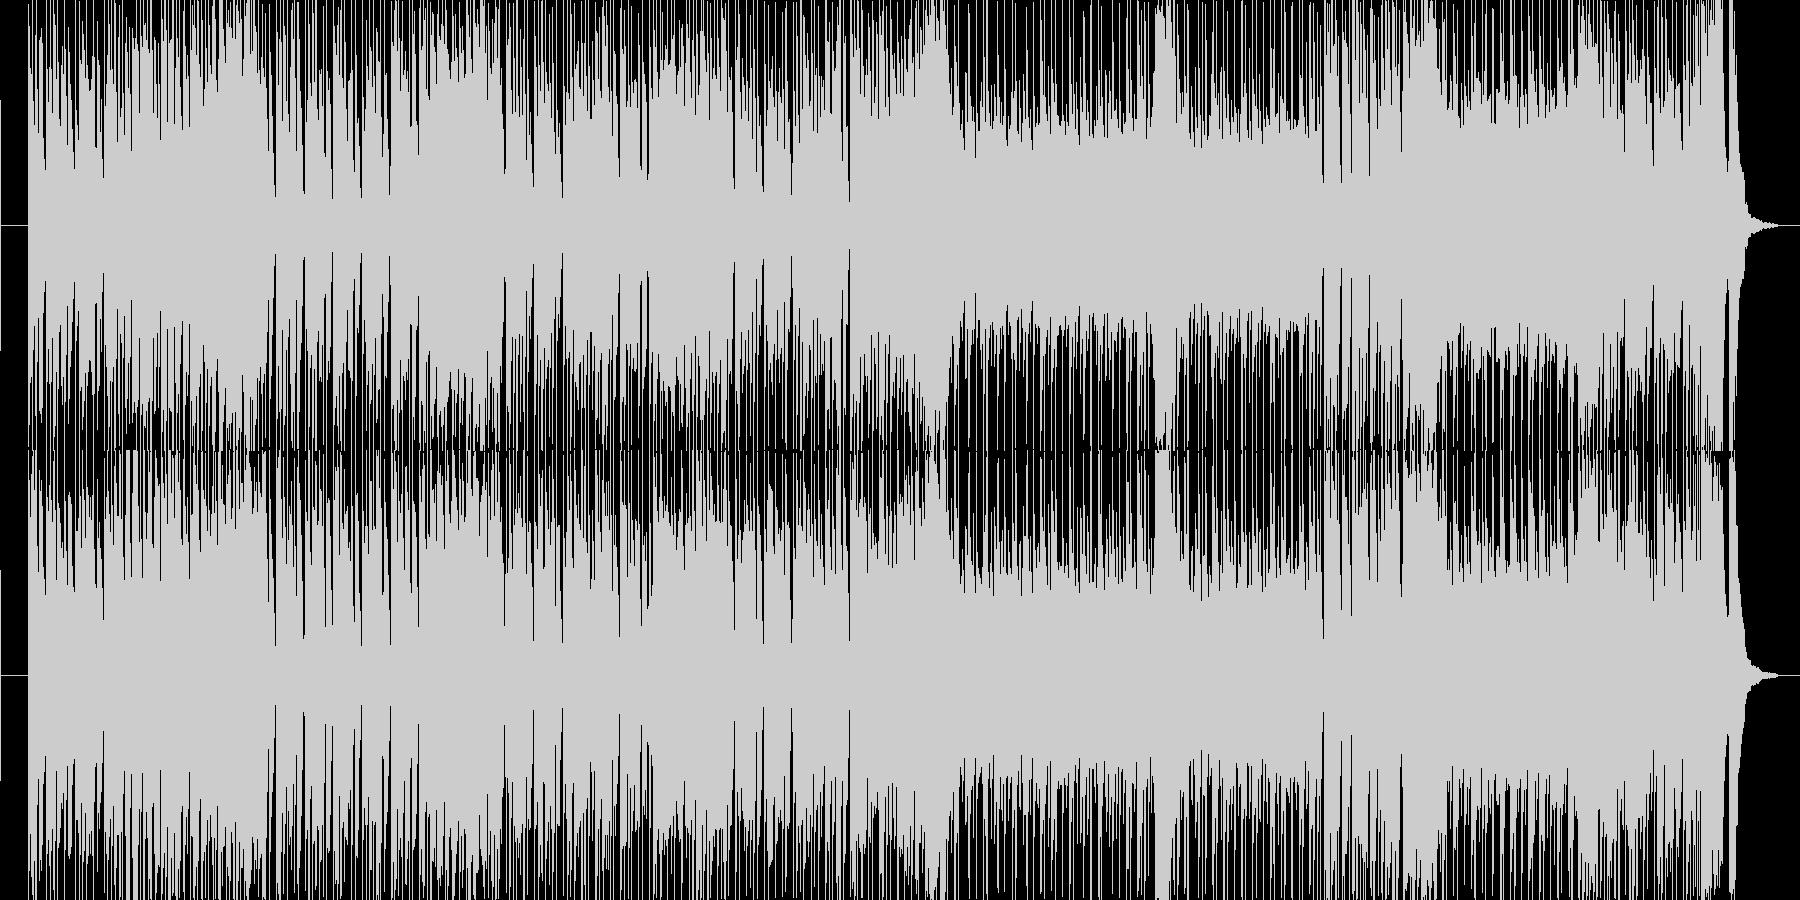 ワイルドな雰囲気のロカビリーロックの未再生の波形